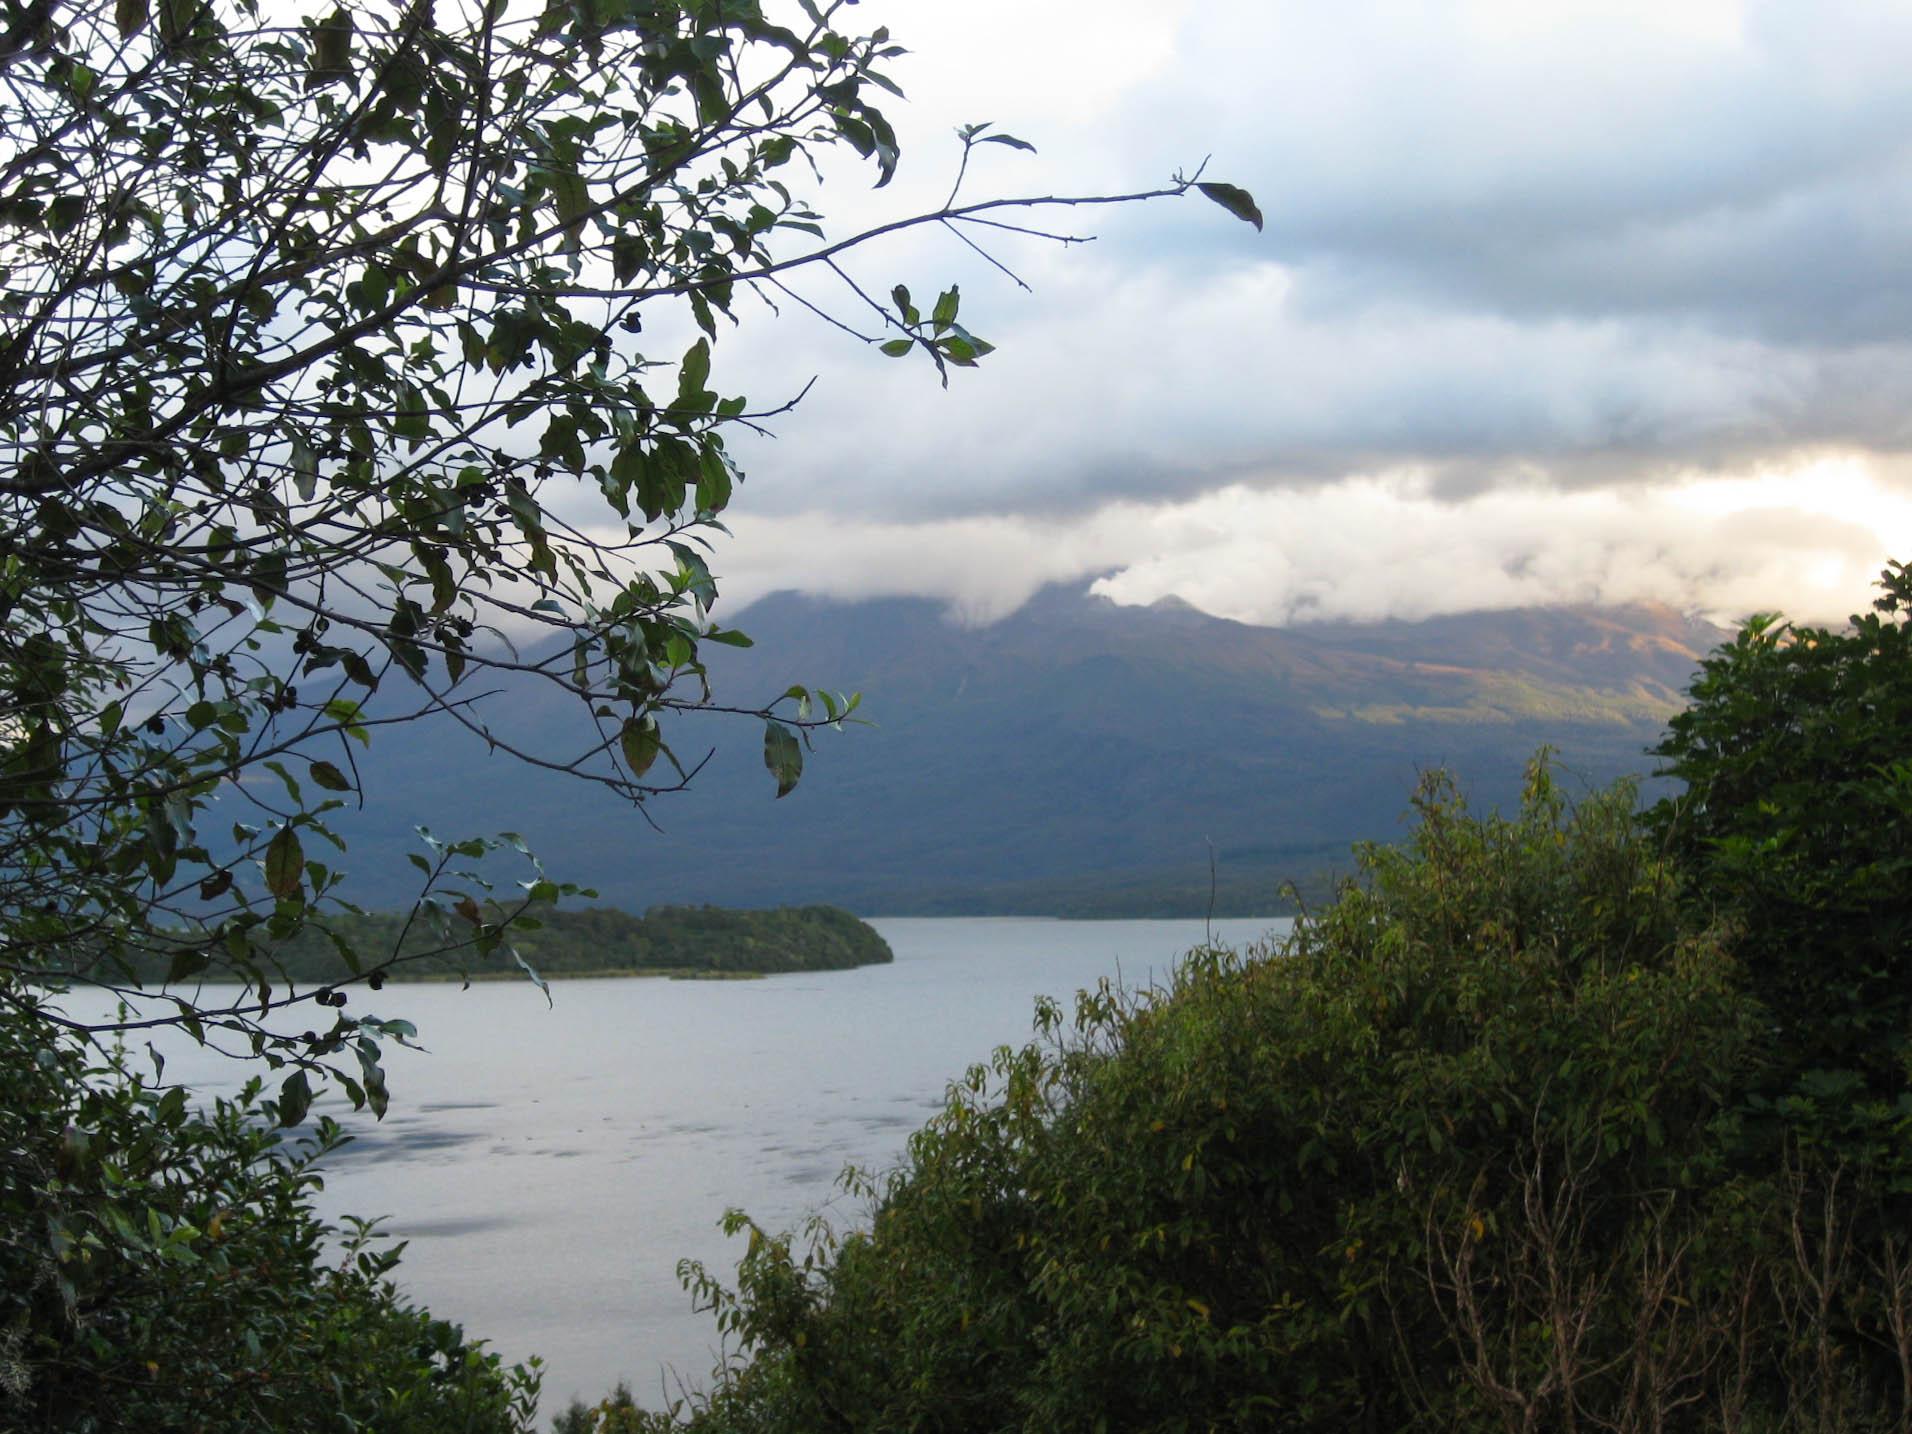 Nouvelle Zélande - Huka falls et lac taupo - Les lubies de louise (17 sur 18)